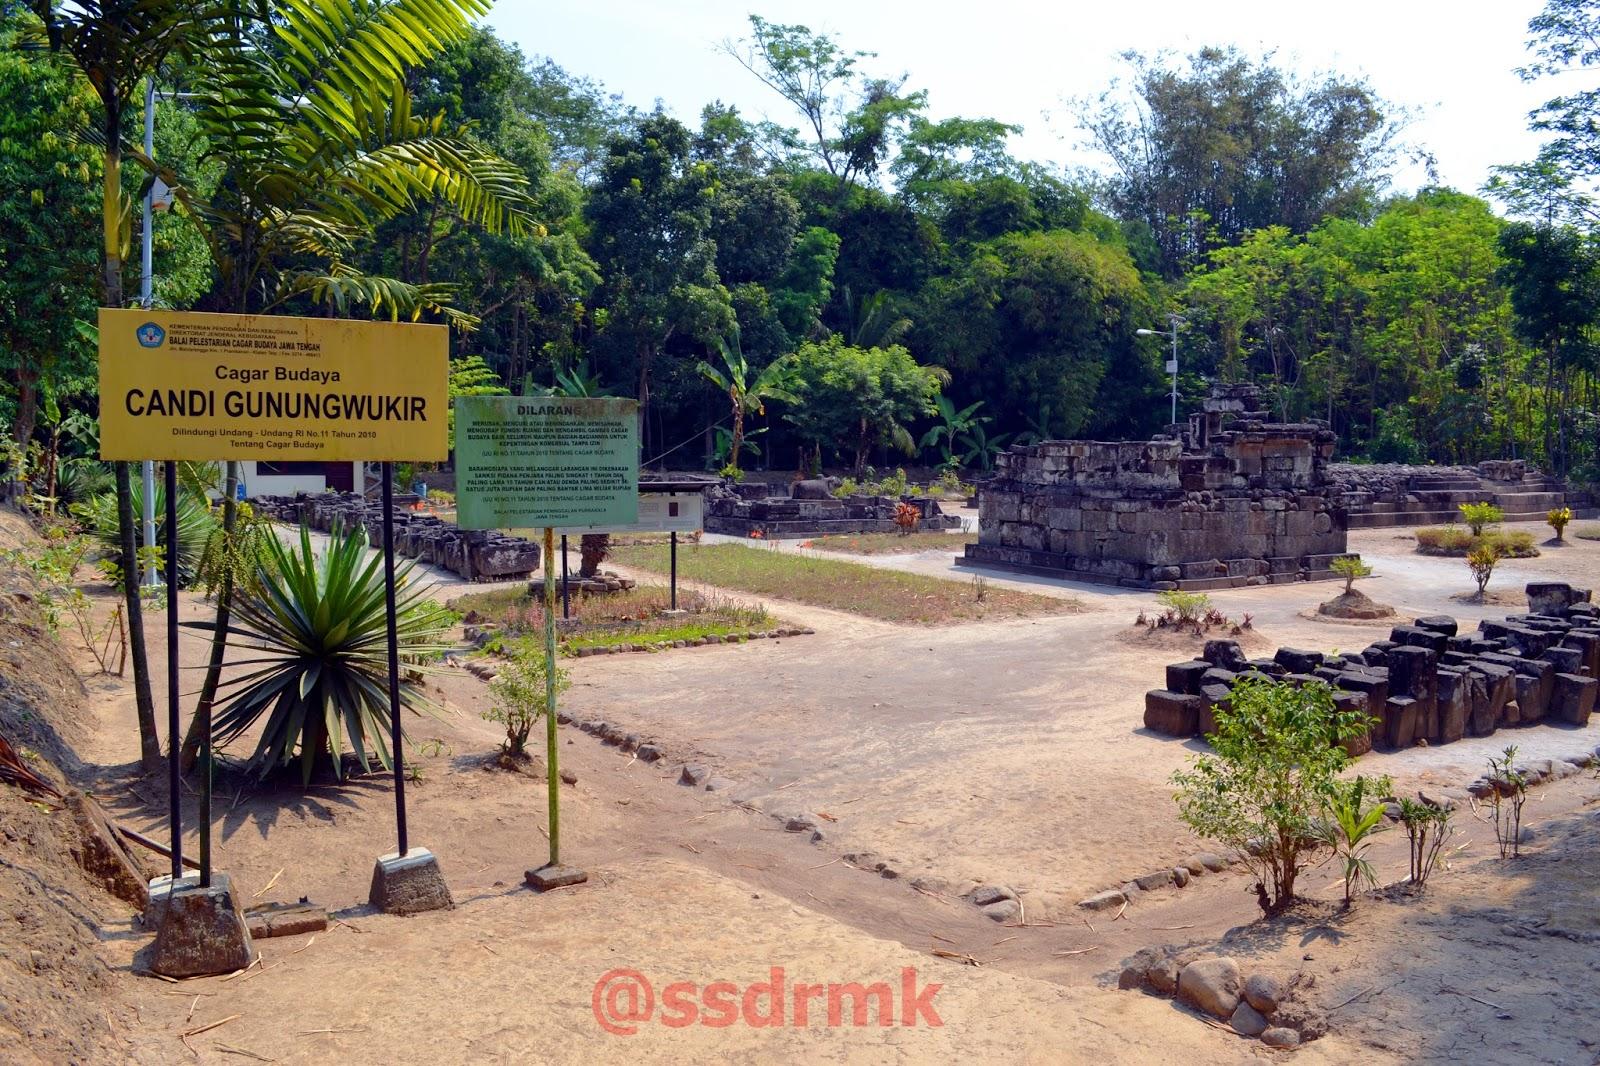 Candi Gunung Wukir Sasadara Manjer Kawuryan Sari Kab Magelang